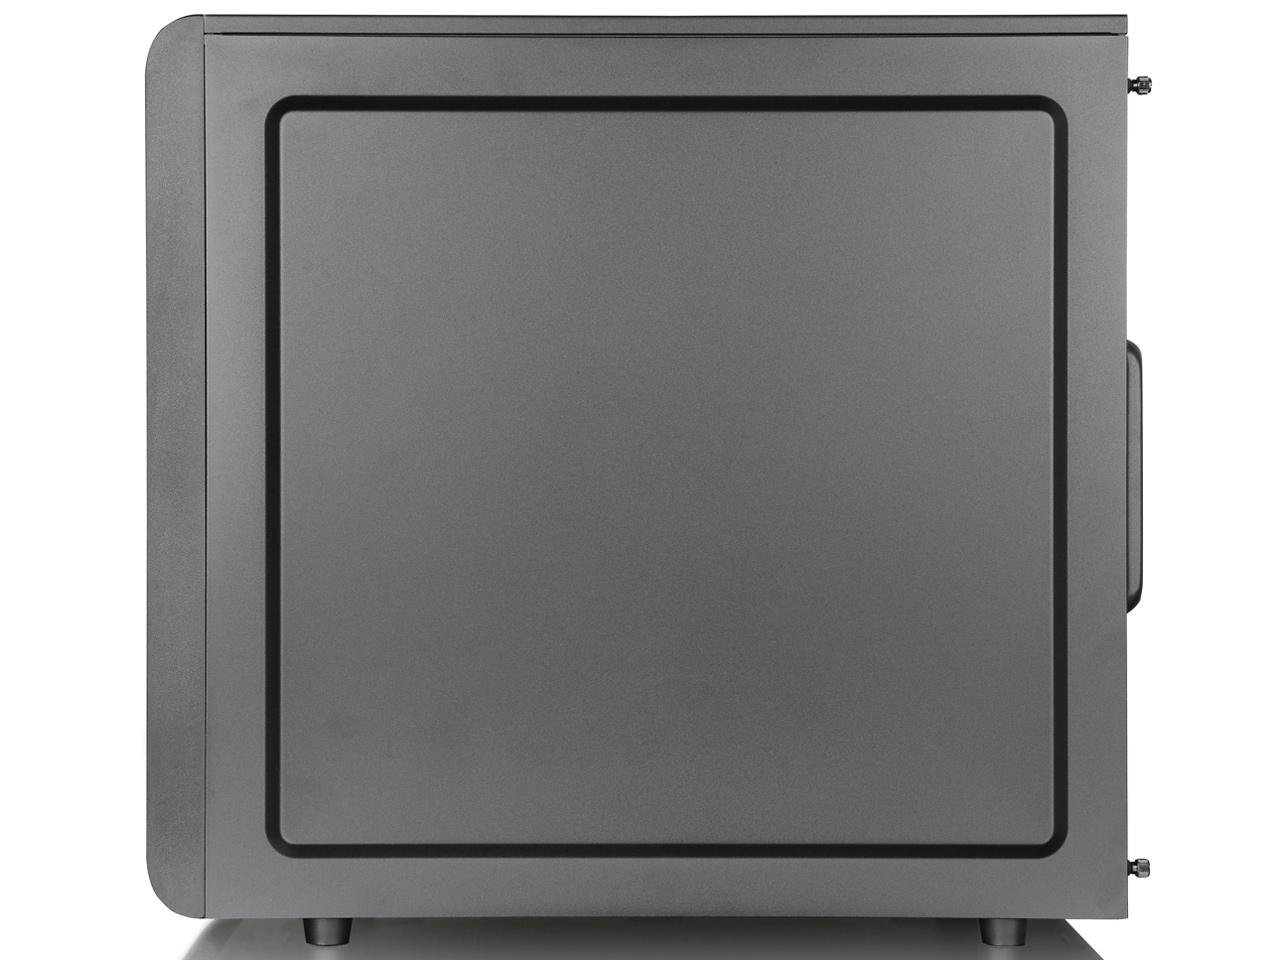 『本体 右側面』 Core V31 CA-1C8-00M1WN-00 の製品画像